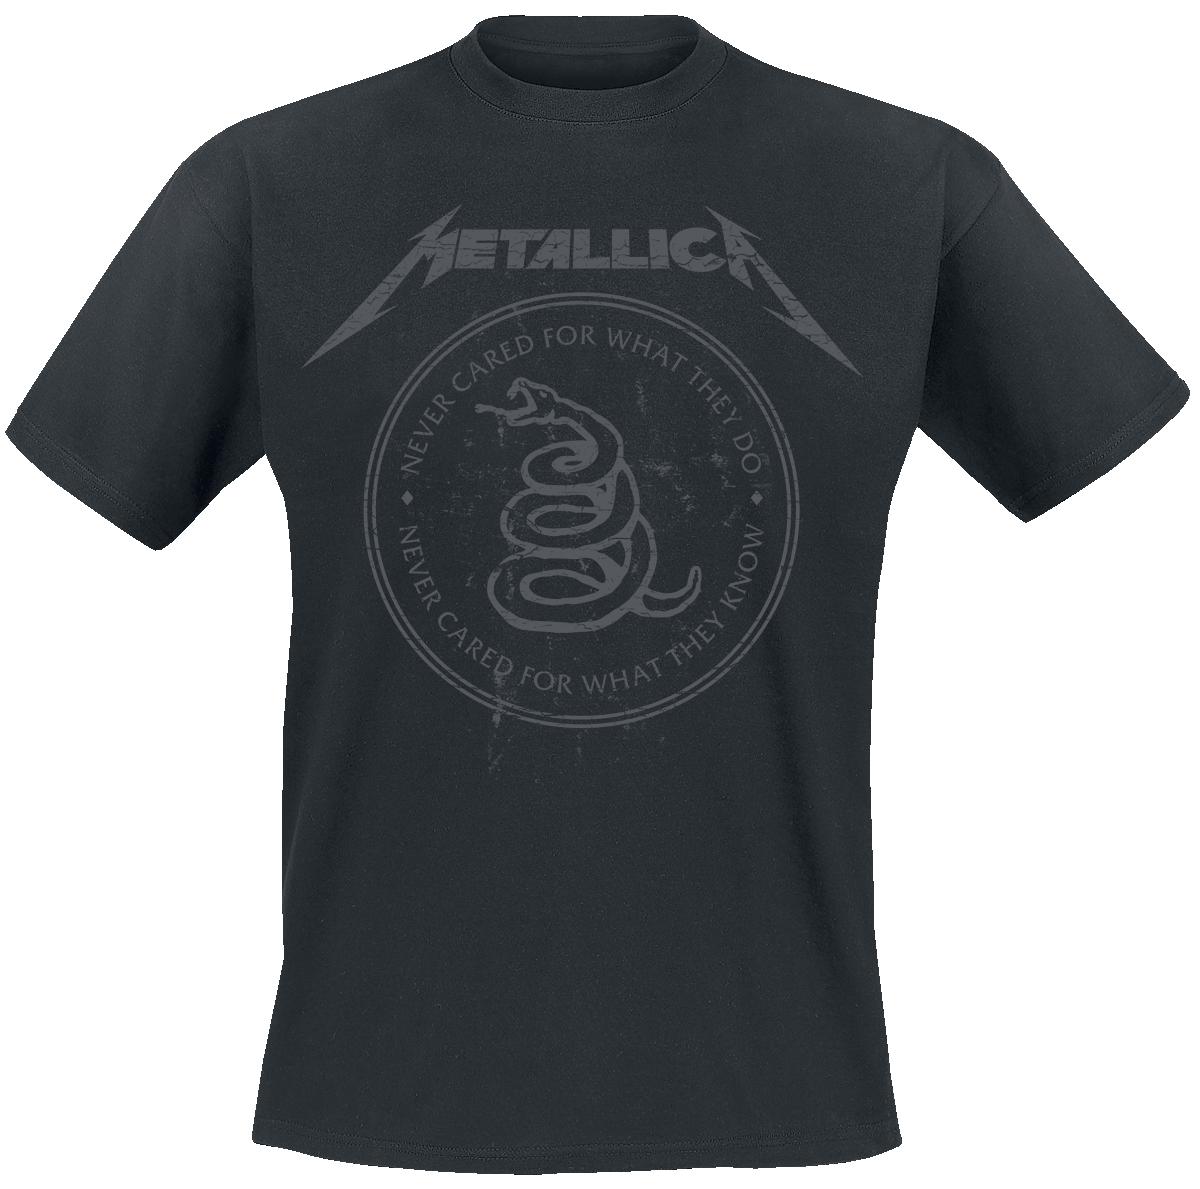 Metallica - Snake Ring Tonal - T-Shirt - black image